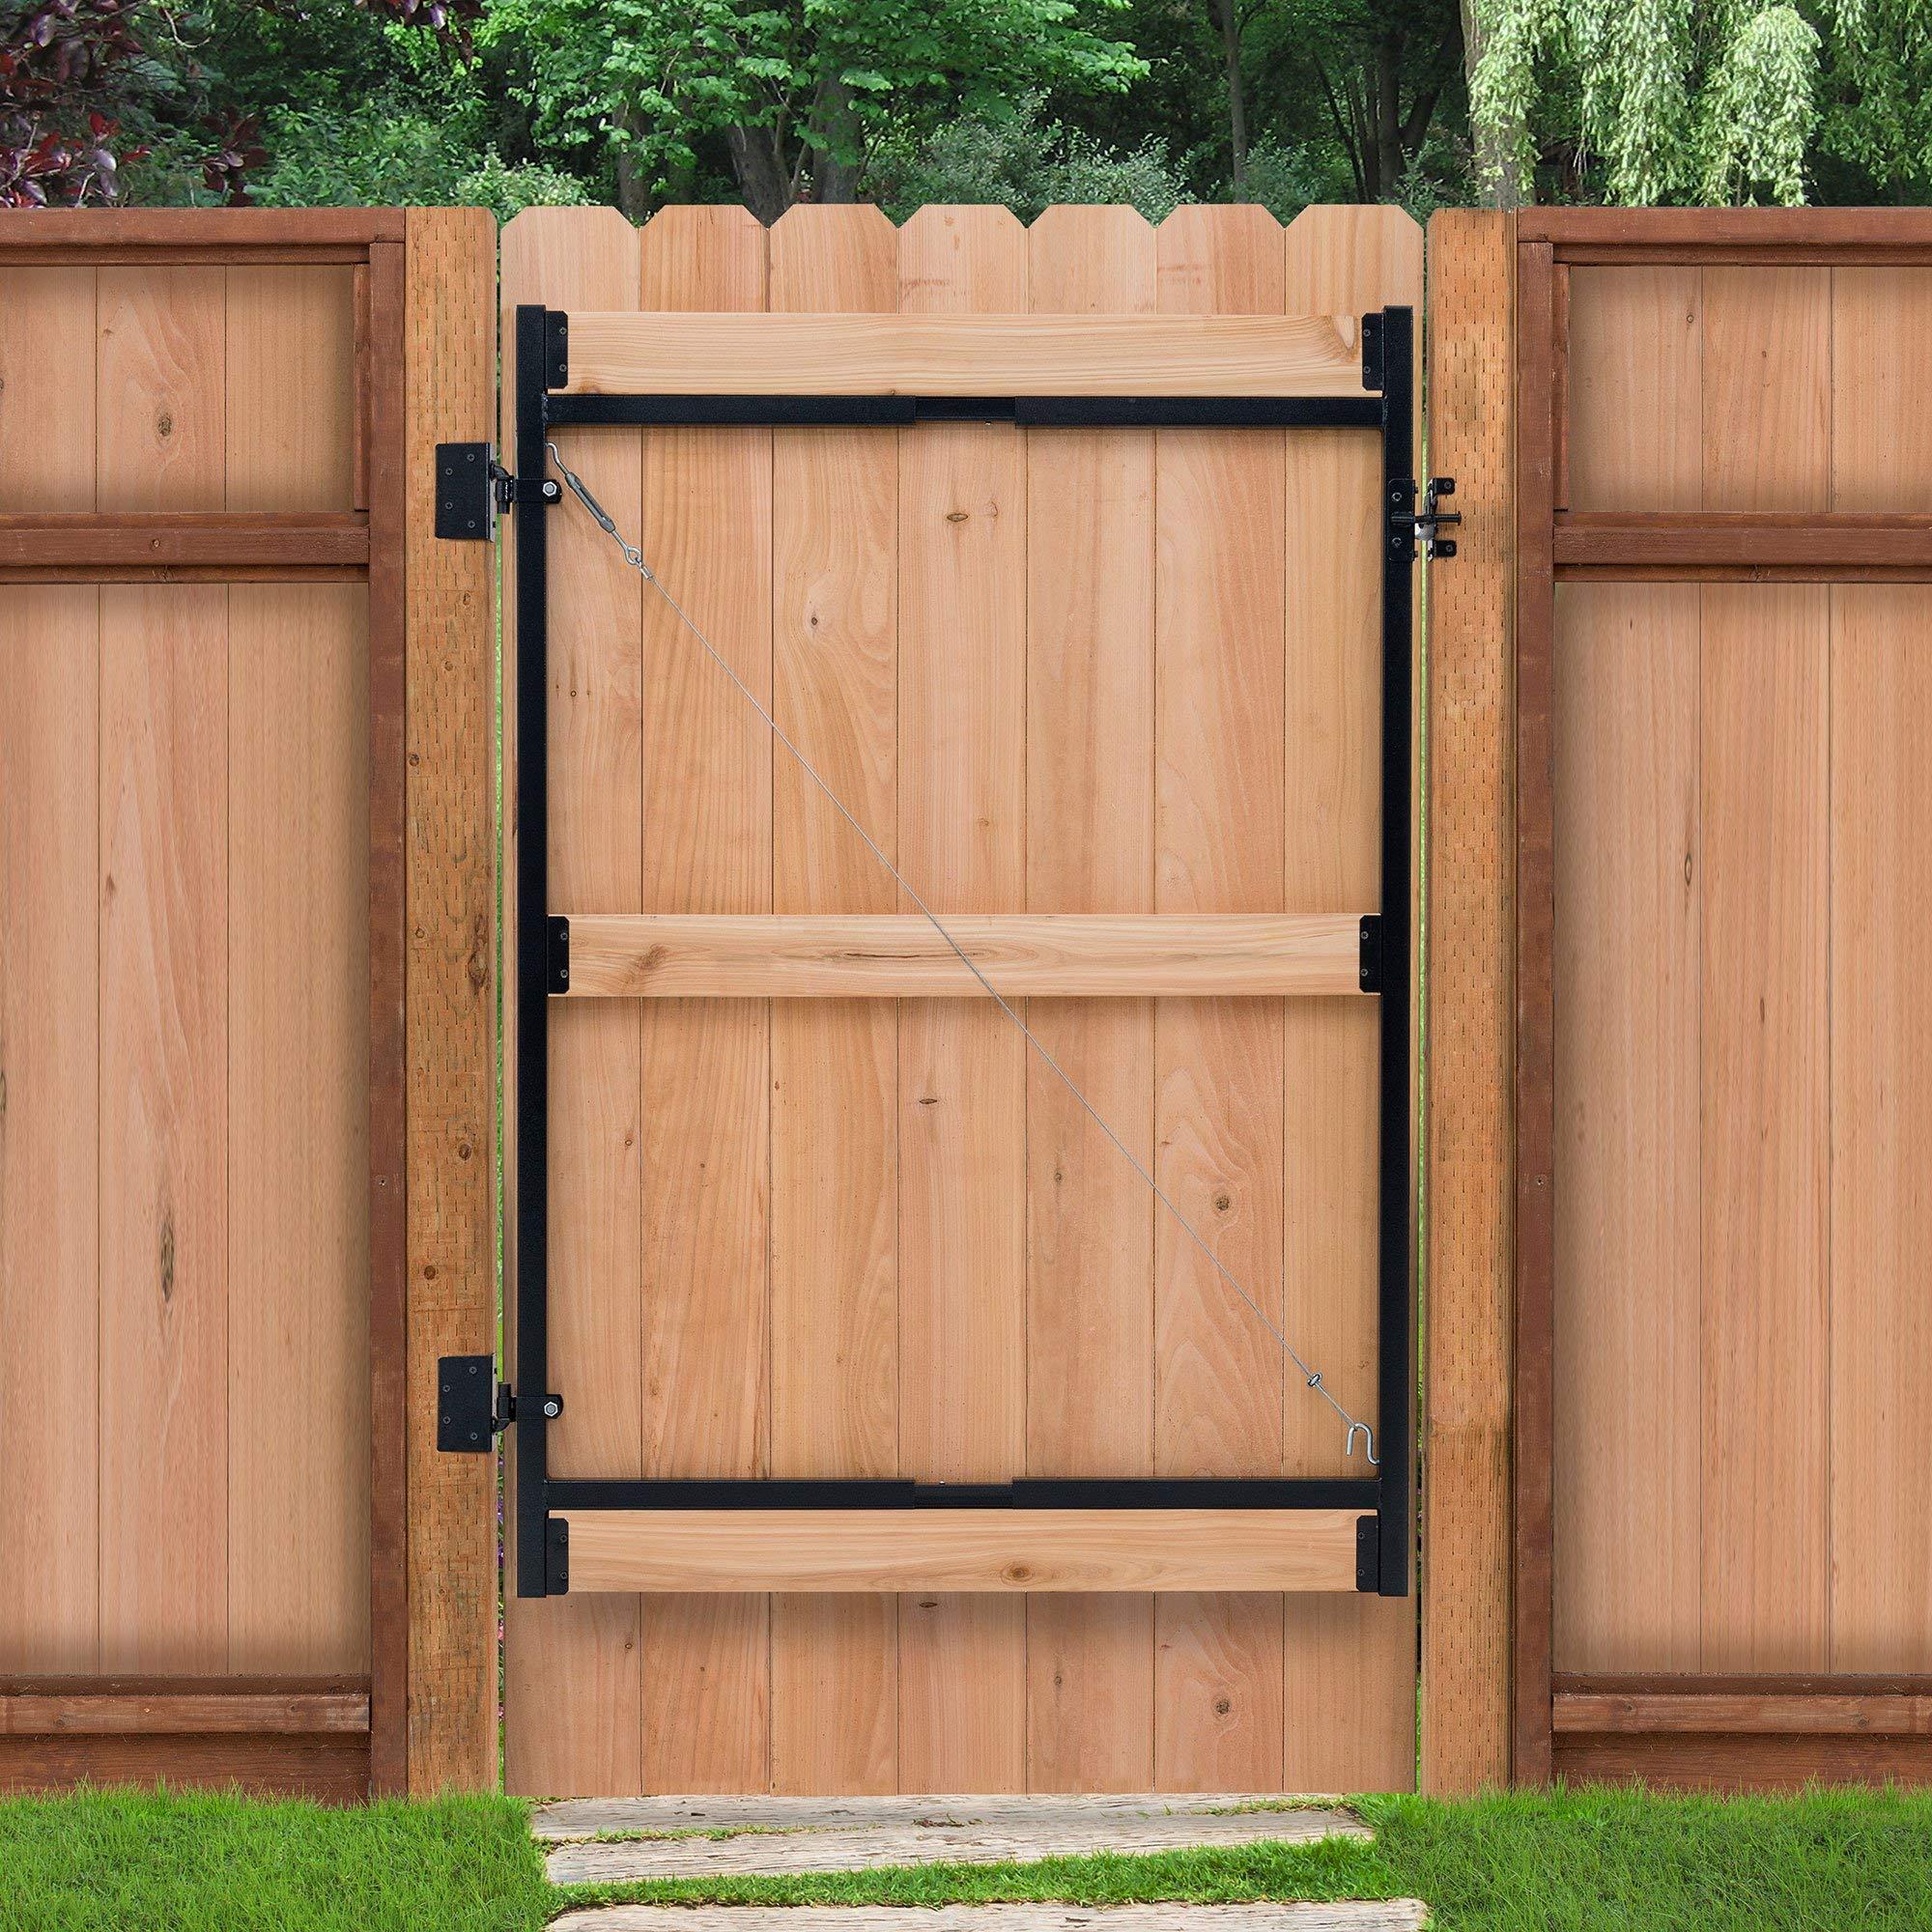 Adjust-A-Gate Steel Frame Gate Building Kit, 60''-96'' Wide, 6' High (2 Pack) by Adjust-A-Gate (Image #3)